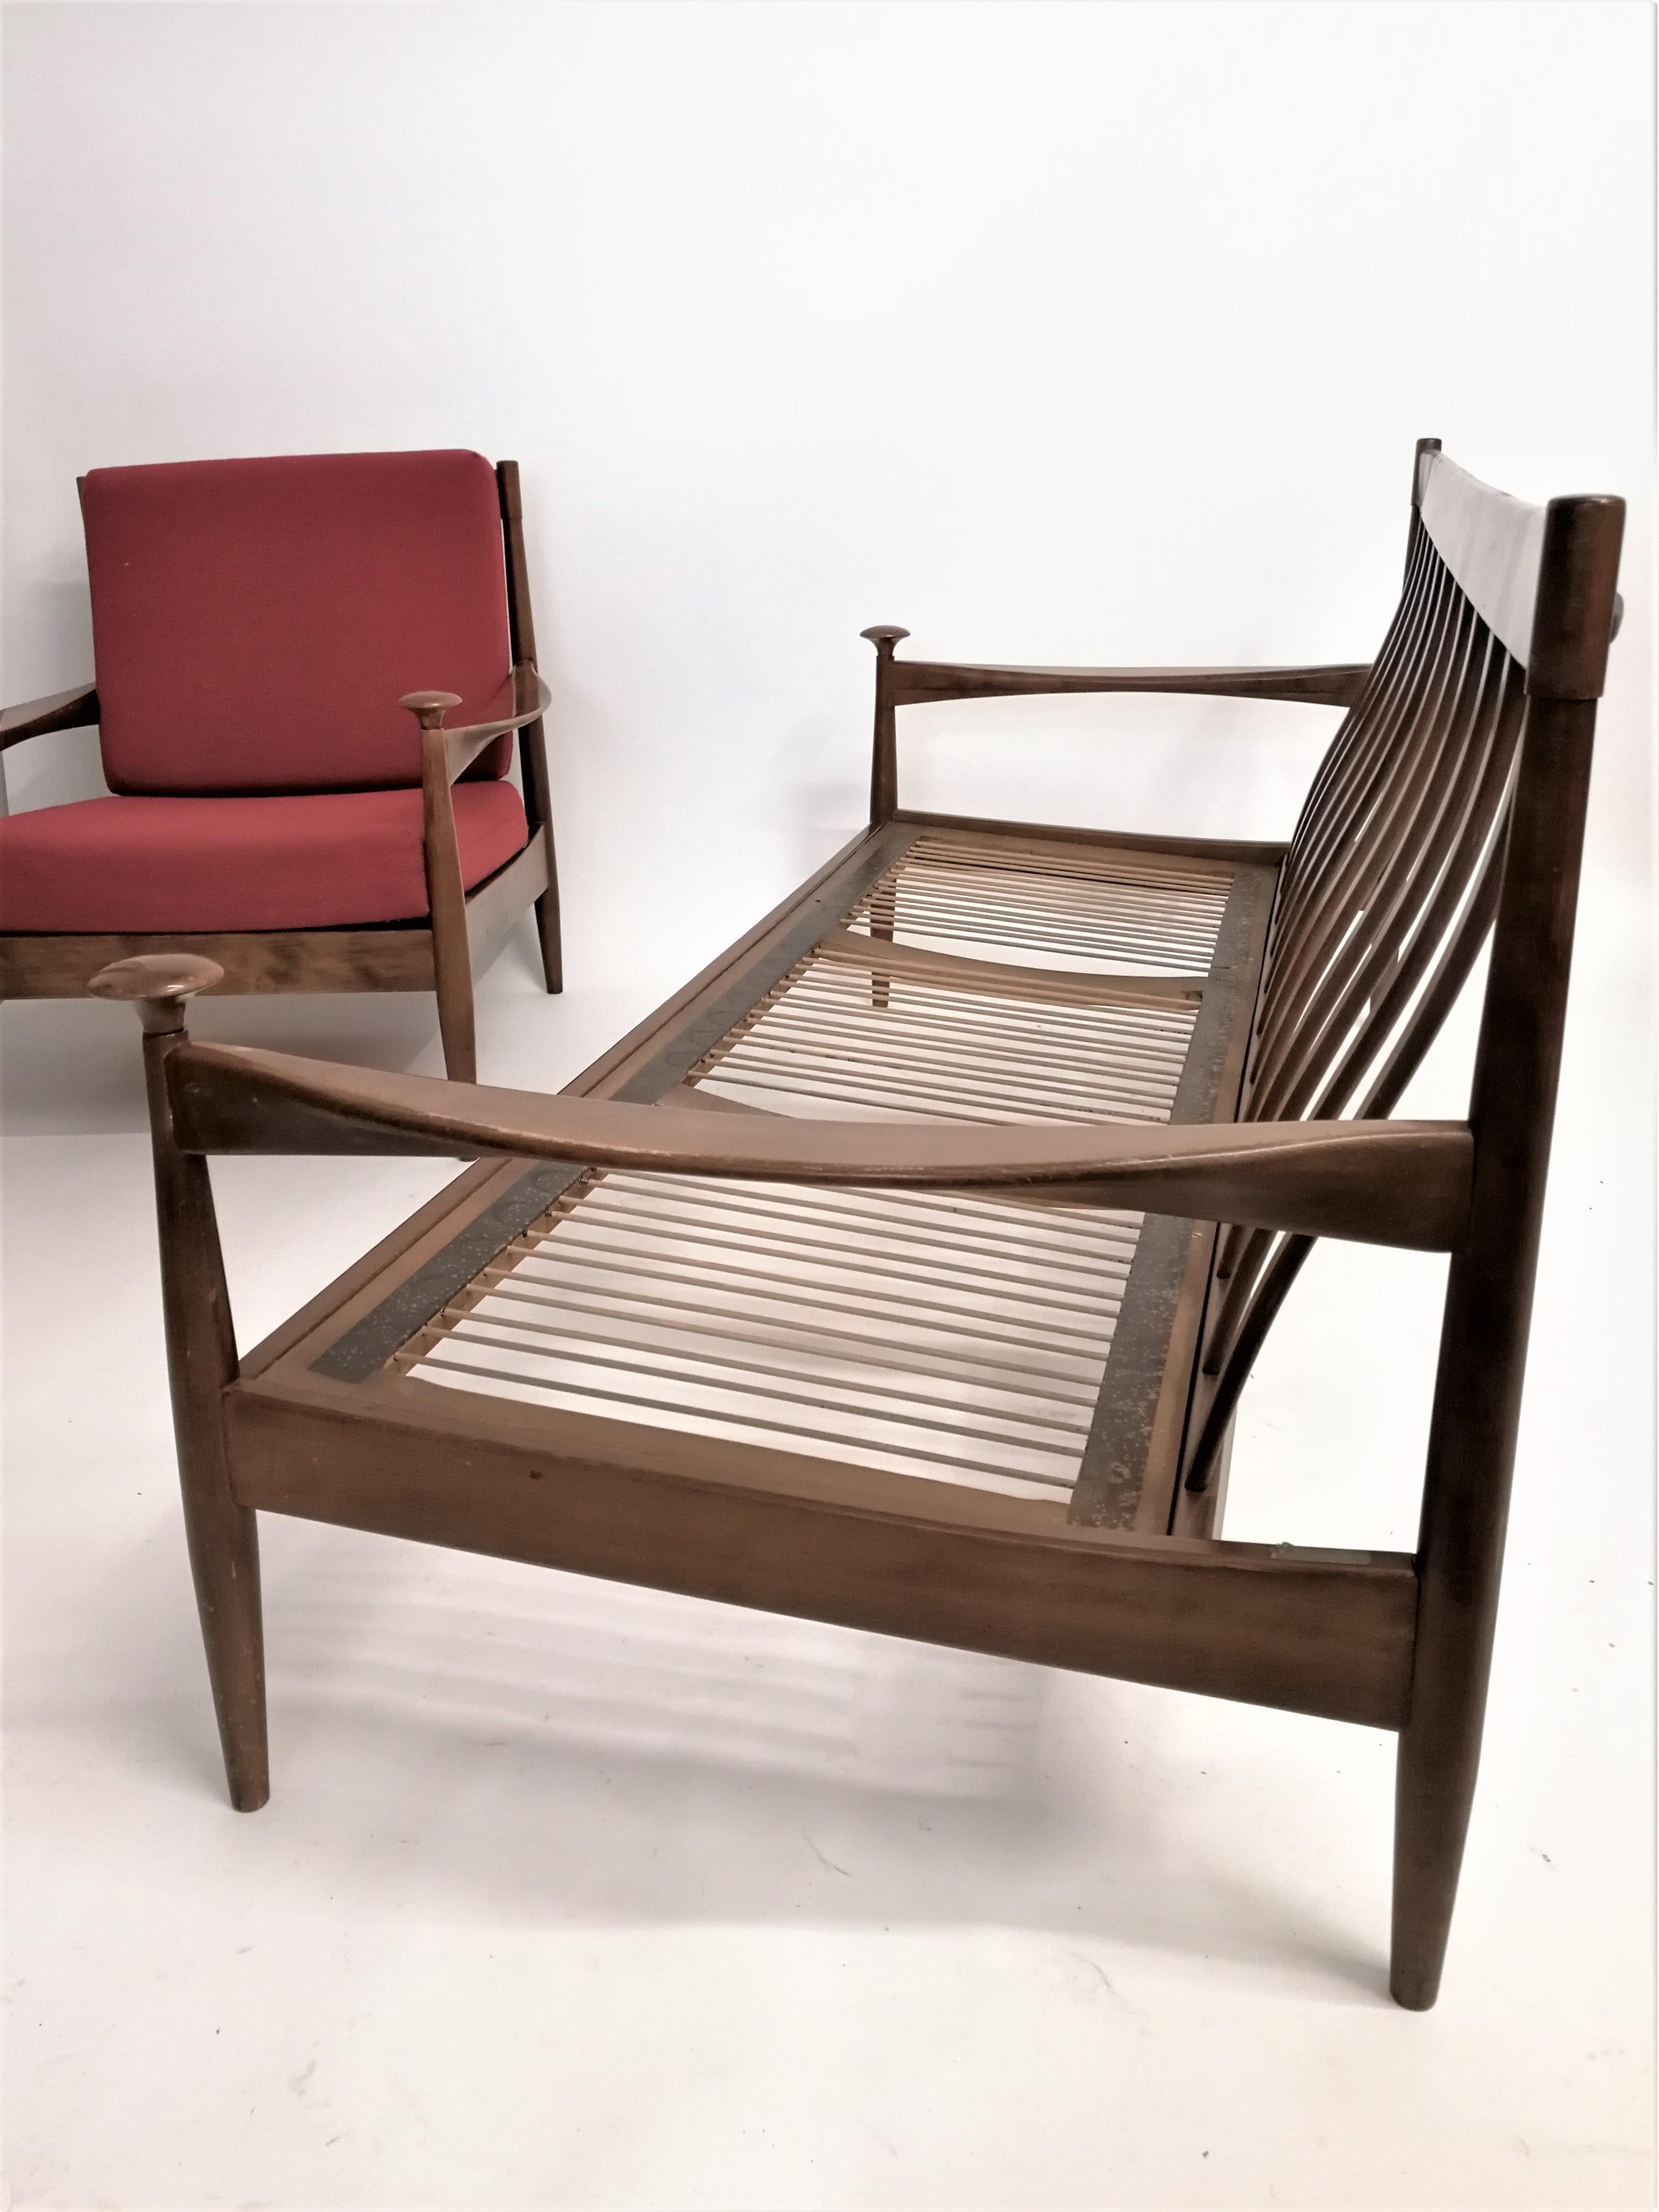 Wilhelm Knoll 3 seater sofa 1950/60